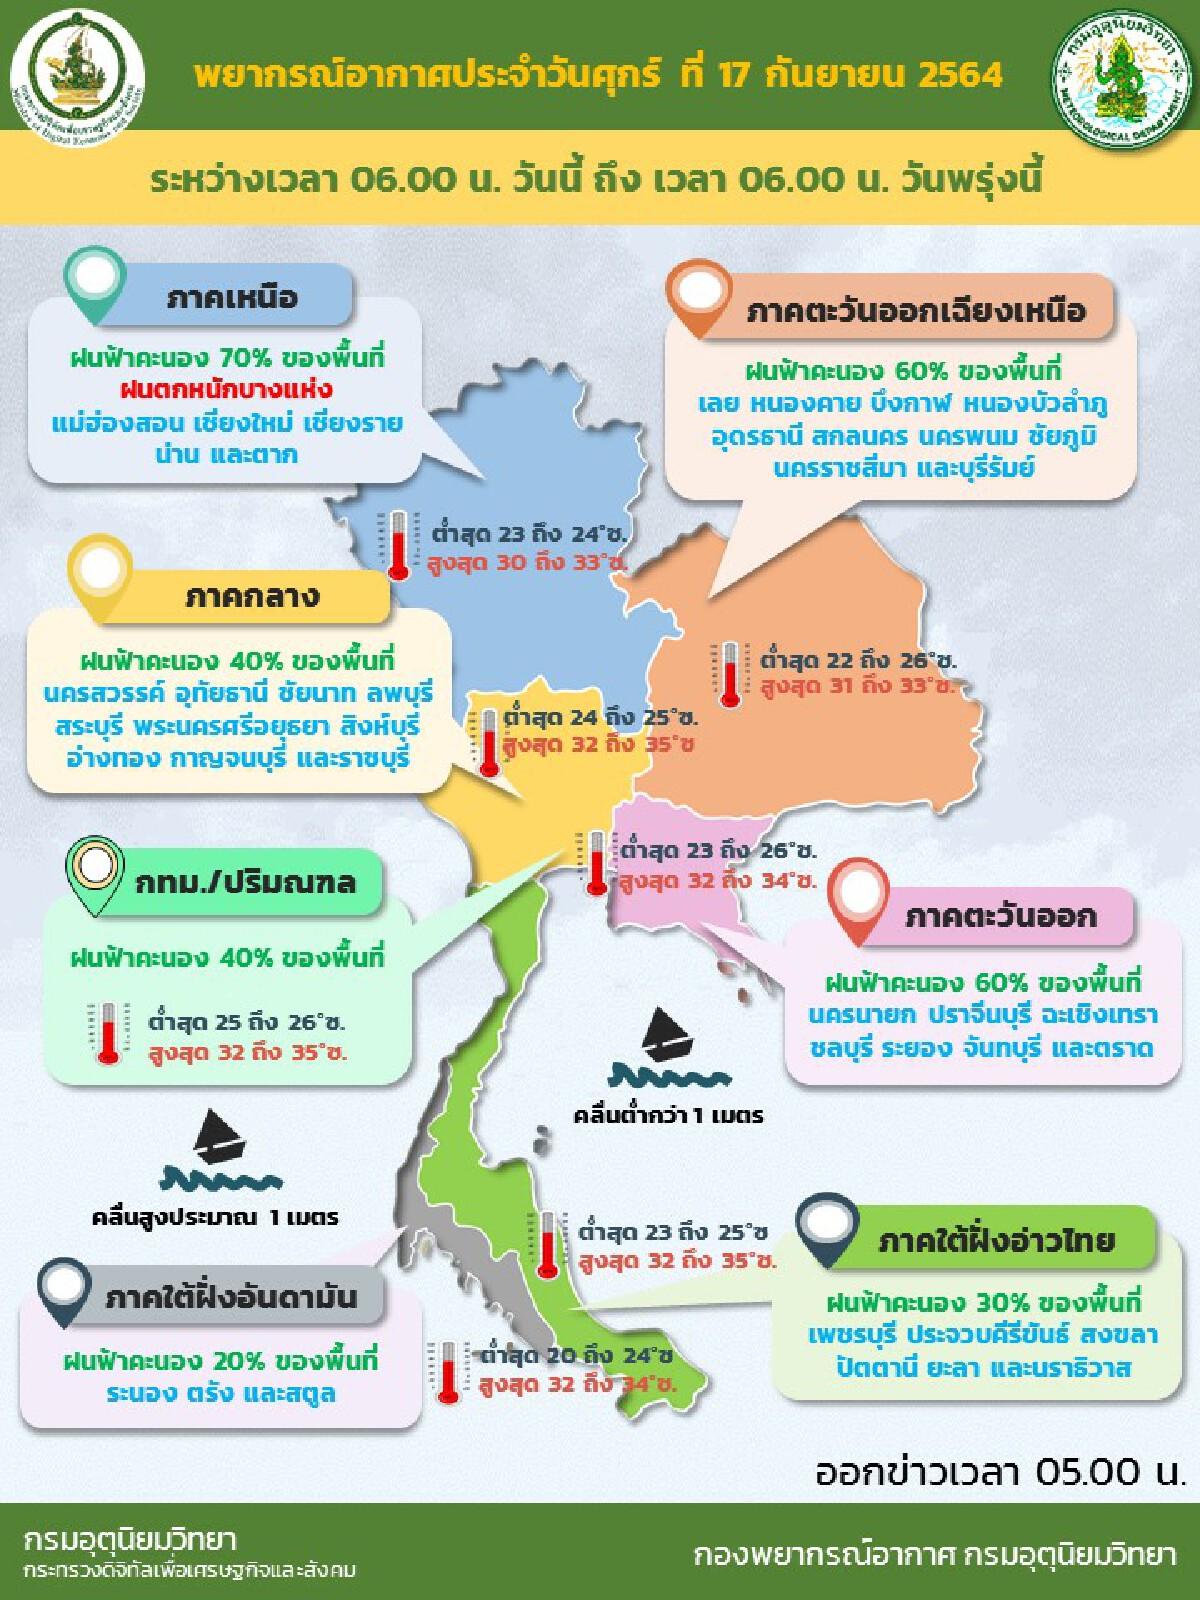 พยากรณ์อากาศวันนี้ ประเทศไทยฝนลดลง แต่ตกหนักบางแห่ง